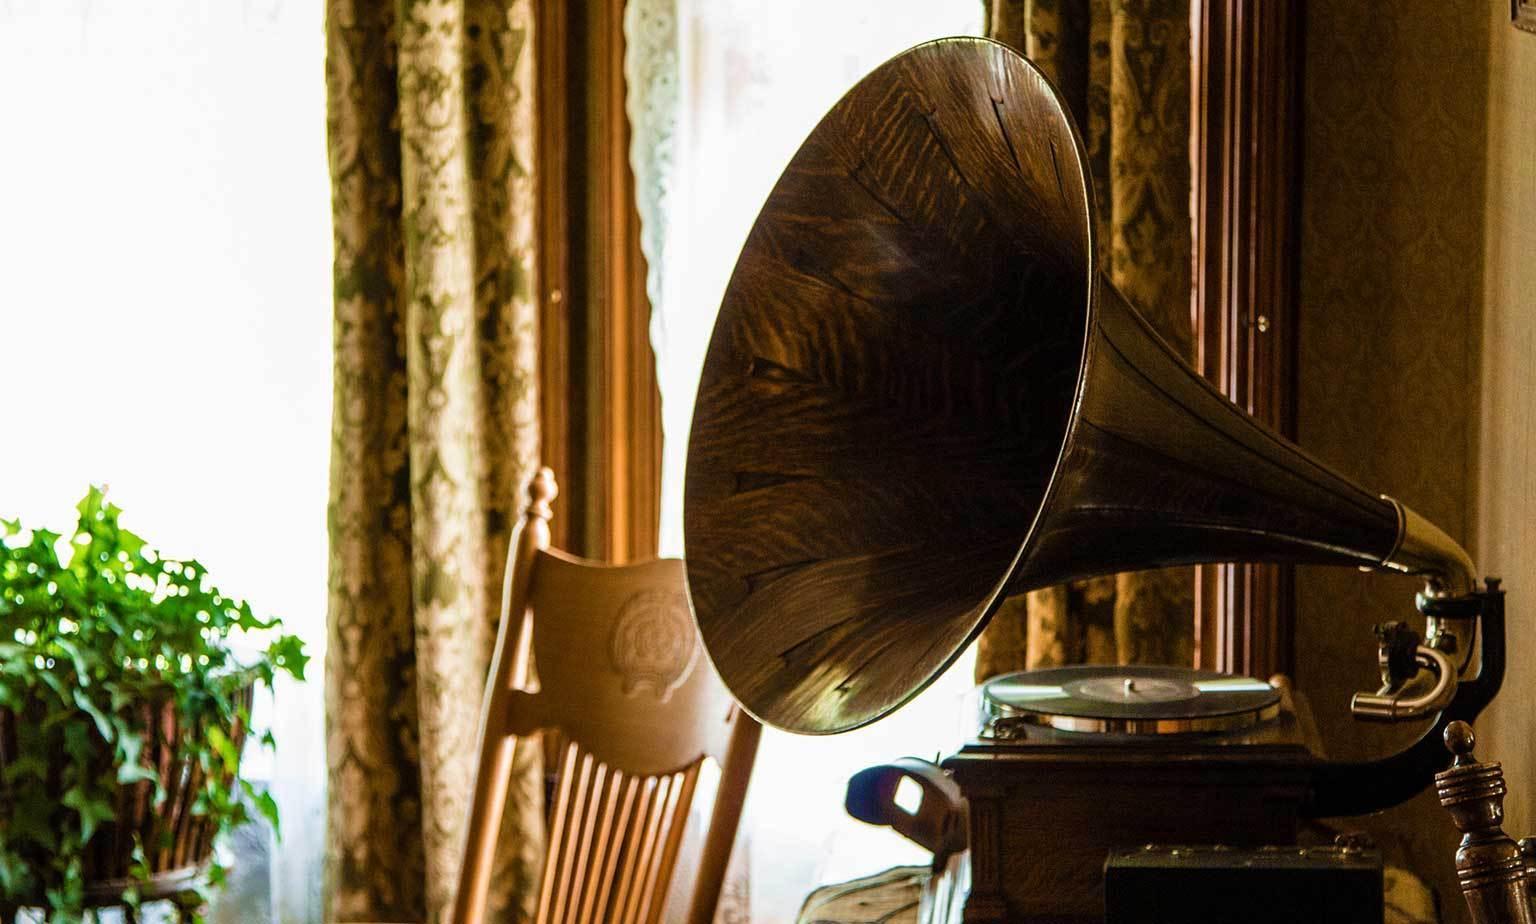 Gebrauchte Grammophone & Schellackplatten